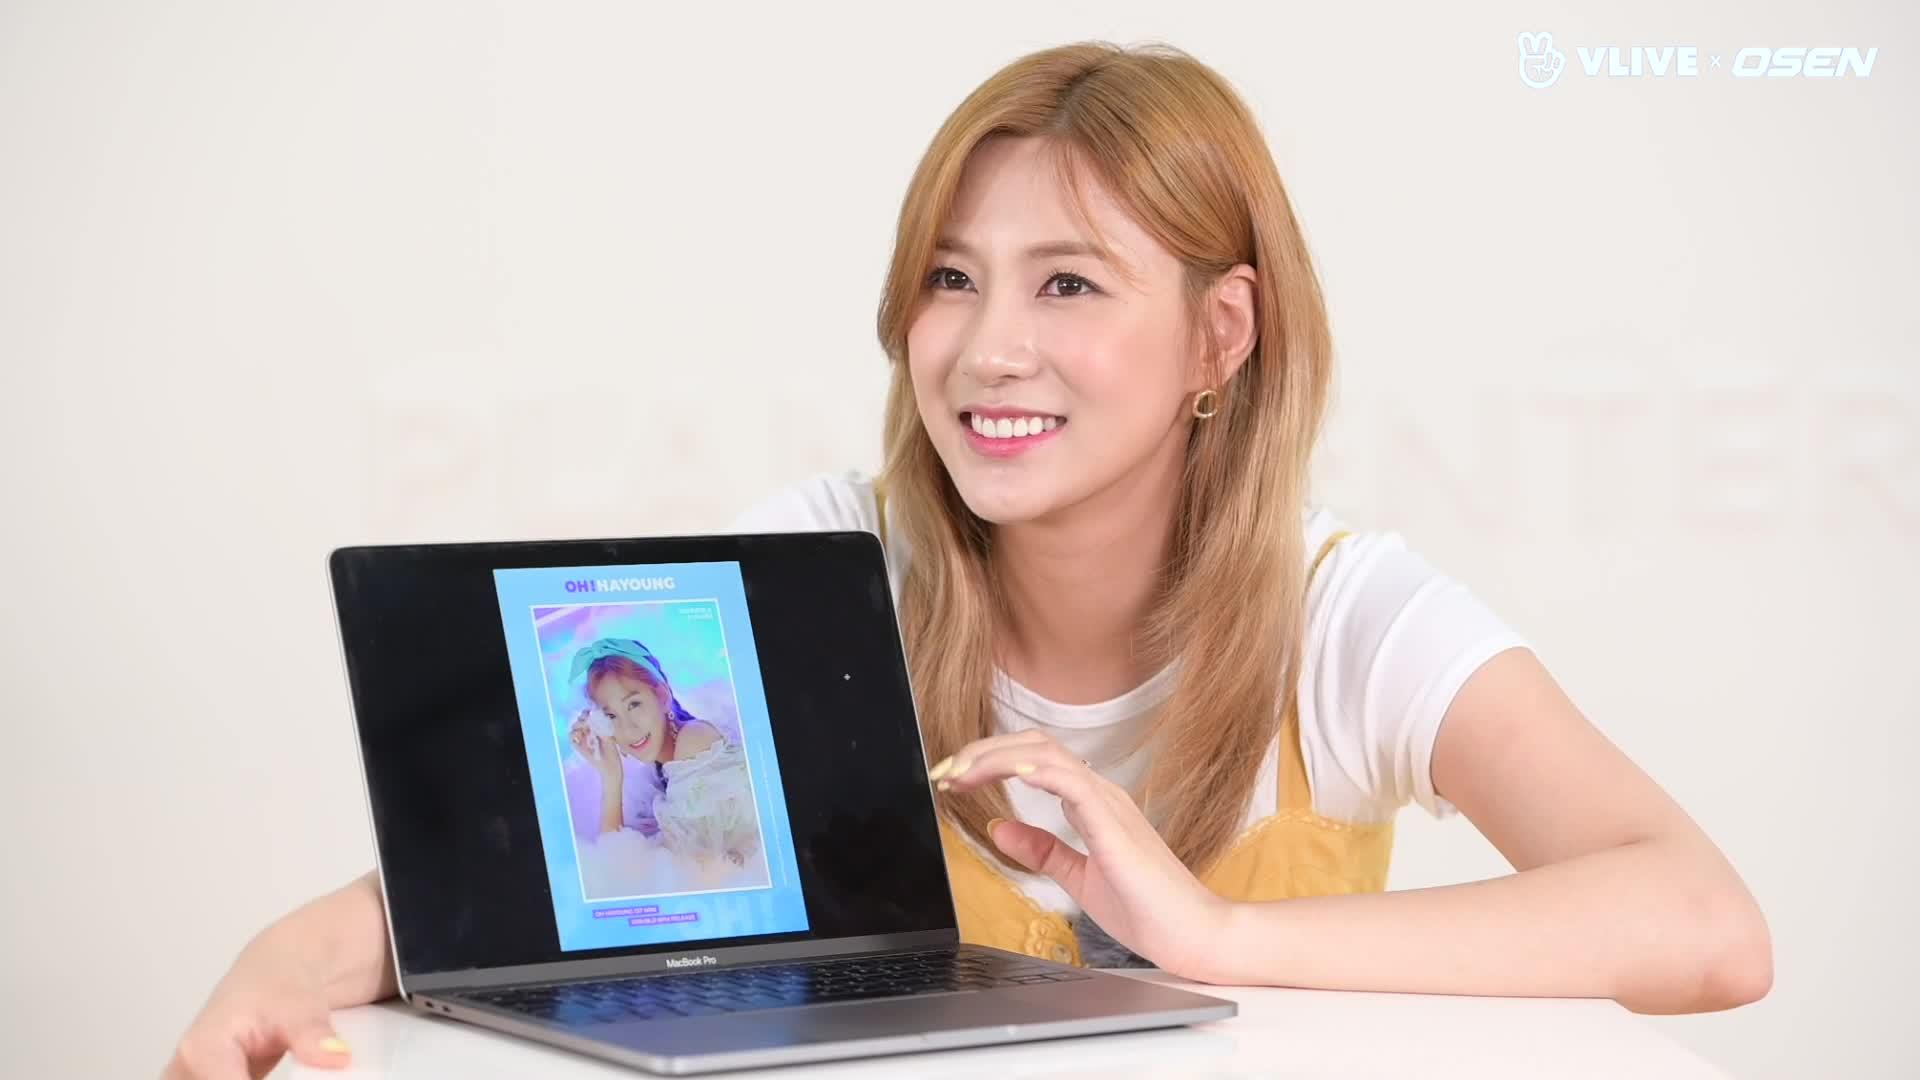 '스타로드' 에이핑크 오하영이 꼽은 베스트 컷은?! #EP 02